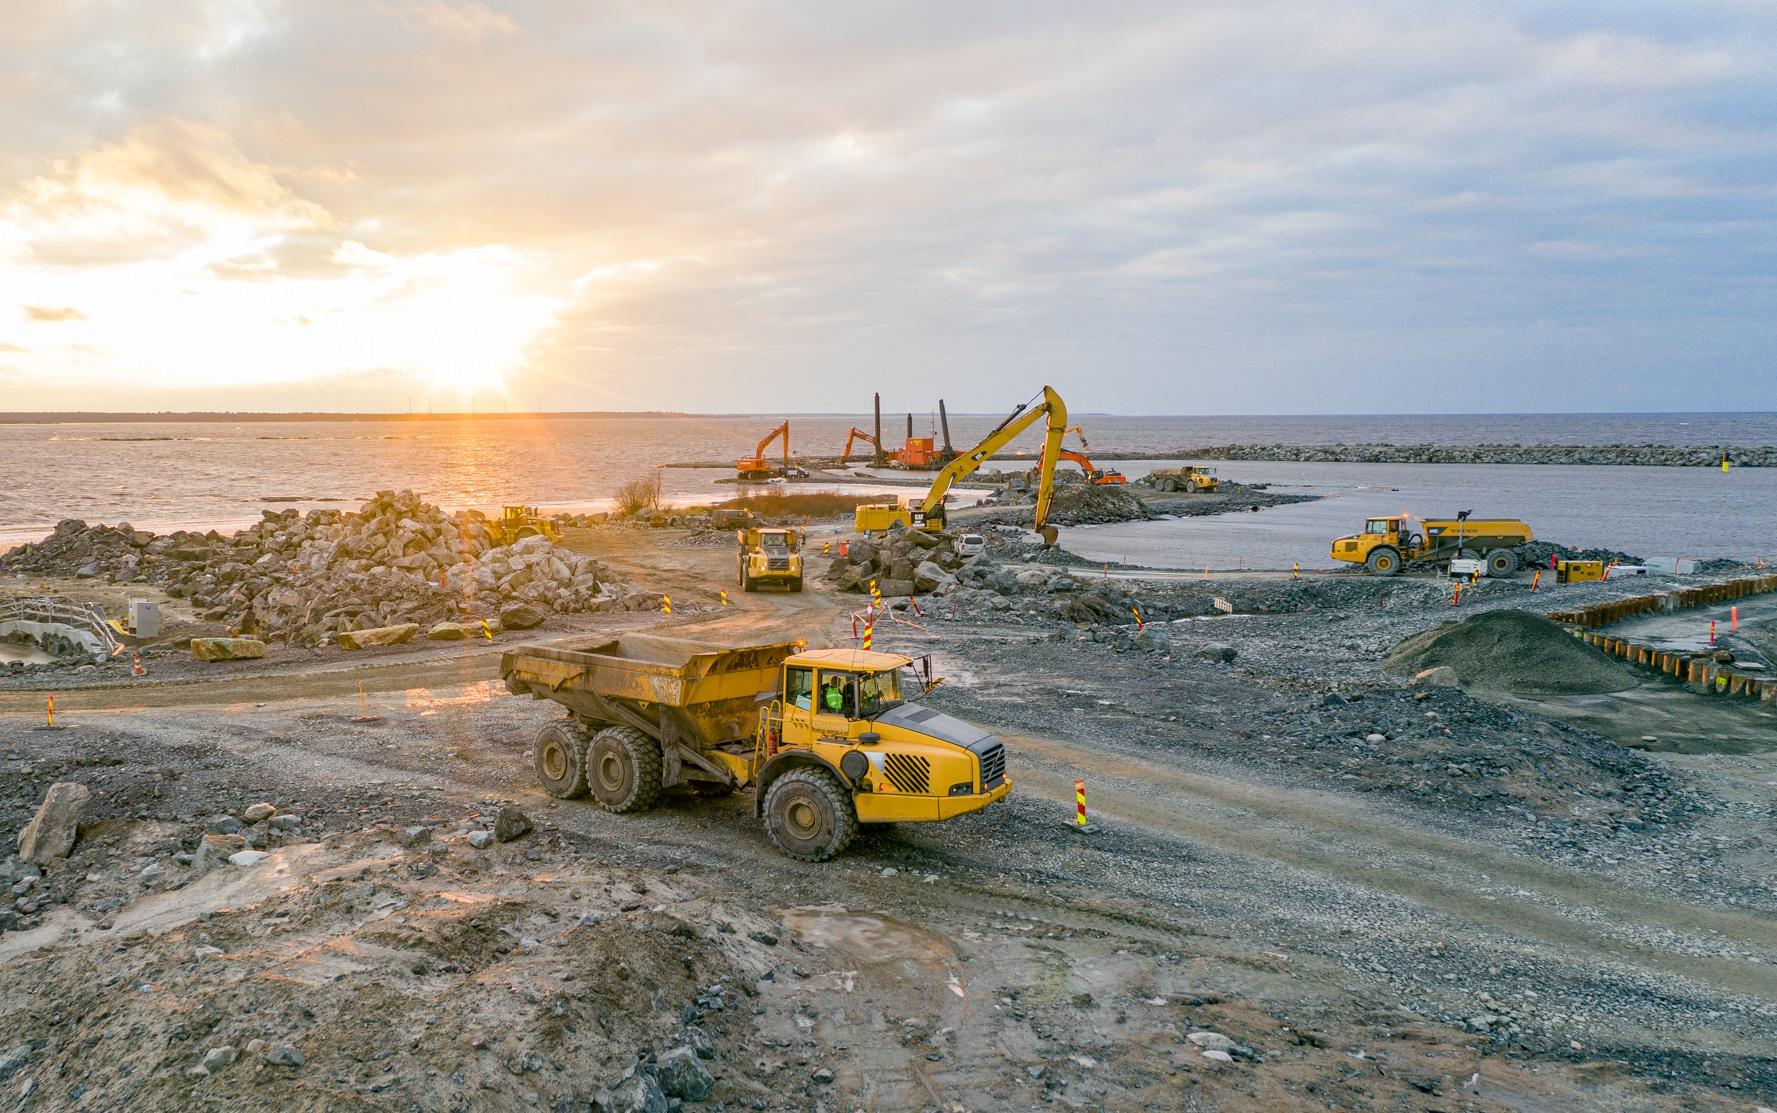 jaderná energie - Projektová dokumentace JE Hanhikivi byla předána zákazníkovi - Nové bloky ve světě (Stavební práce v lokalitě Hanhikivi v prosinci 2020 Zdroj Fennovoima) 2